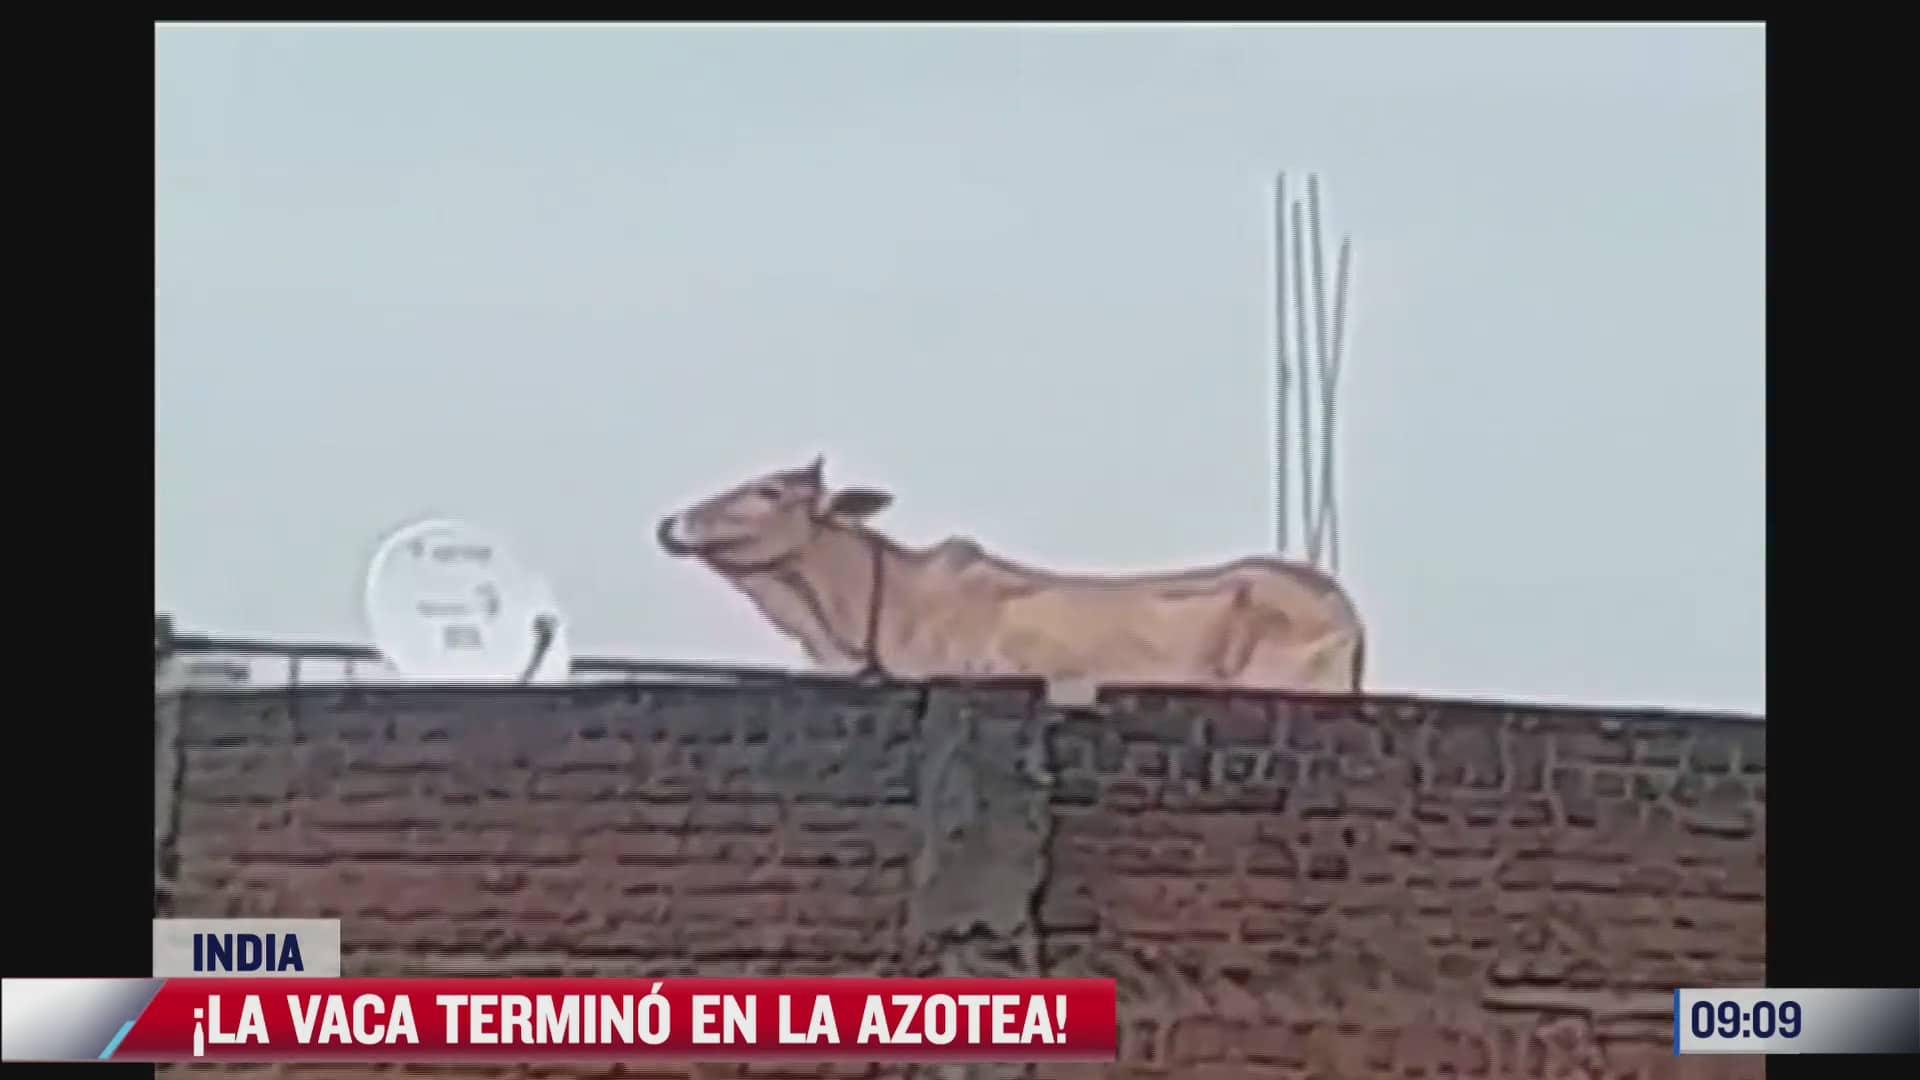 vaca en busca de comida termina en la azotea